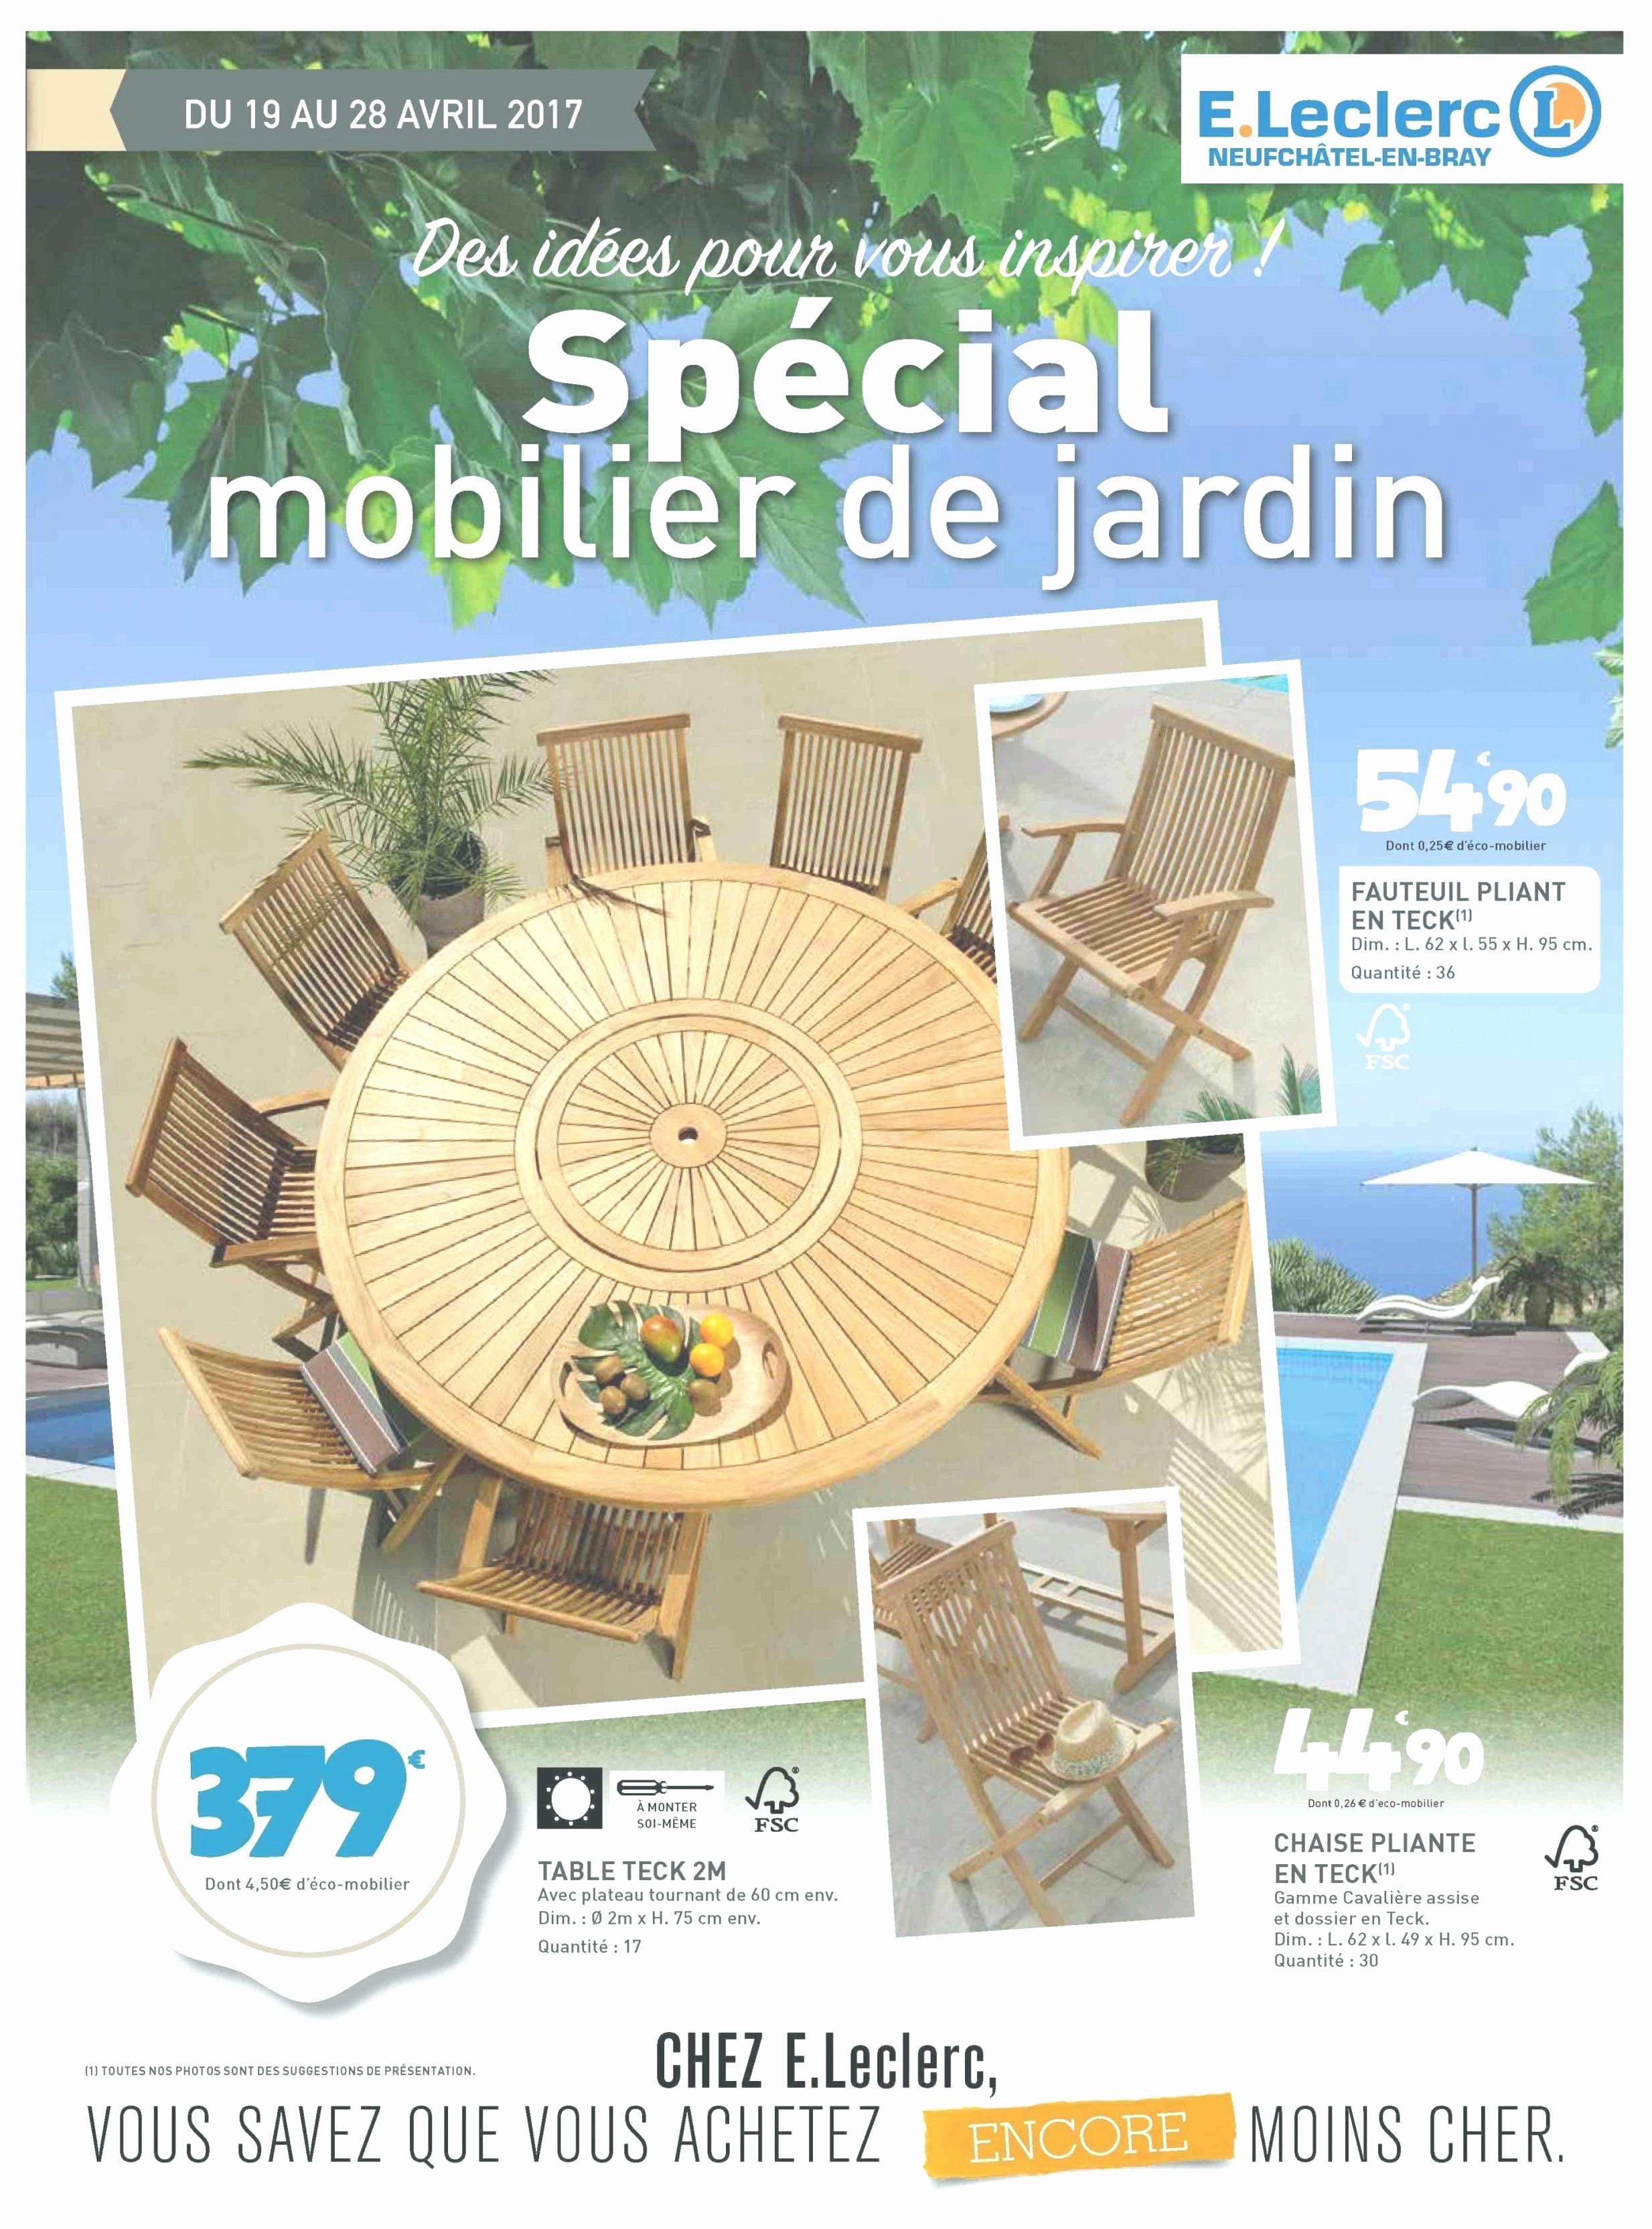 Salon De Jardin A Brico Depot Beau Stock Escalier Droit Brico Depot Xylophene Meuble 0d tout Sur La Maison